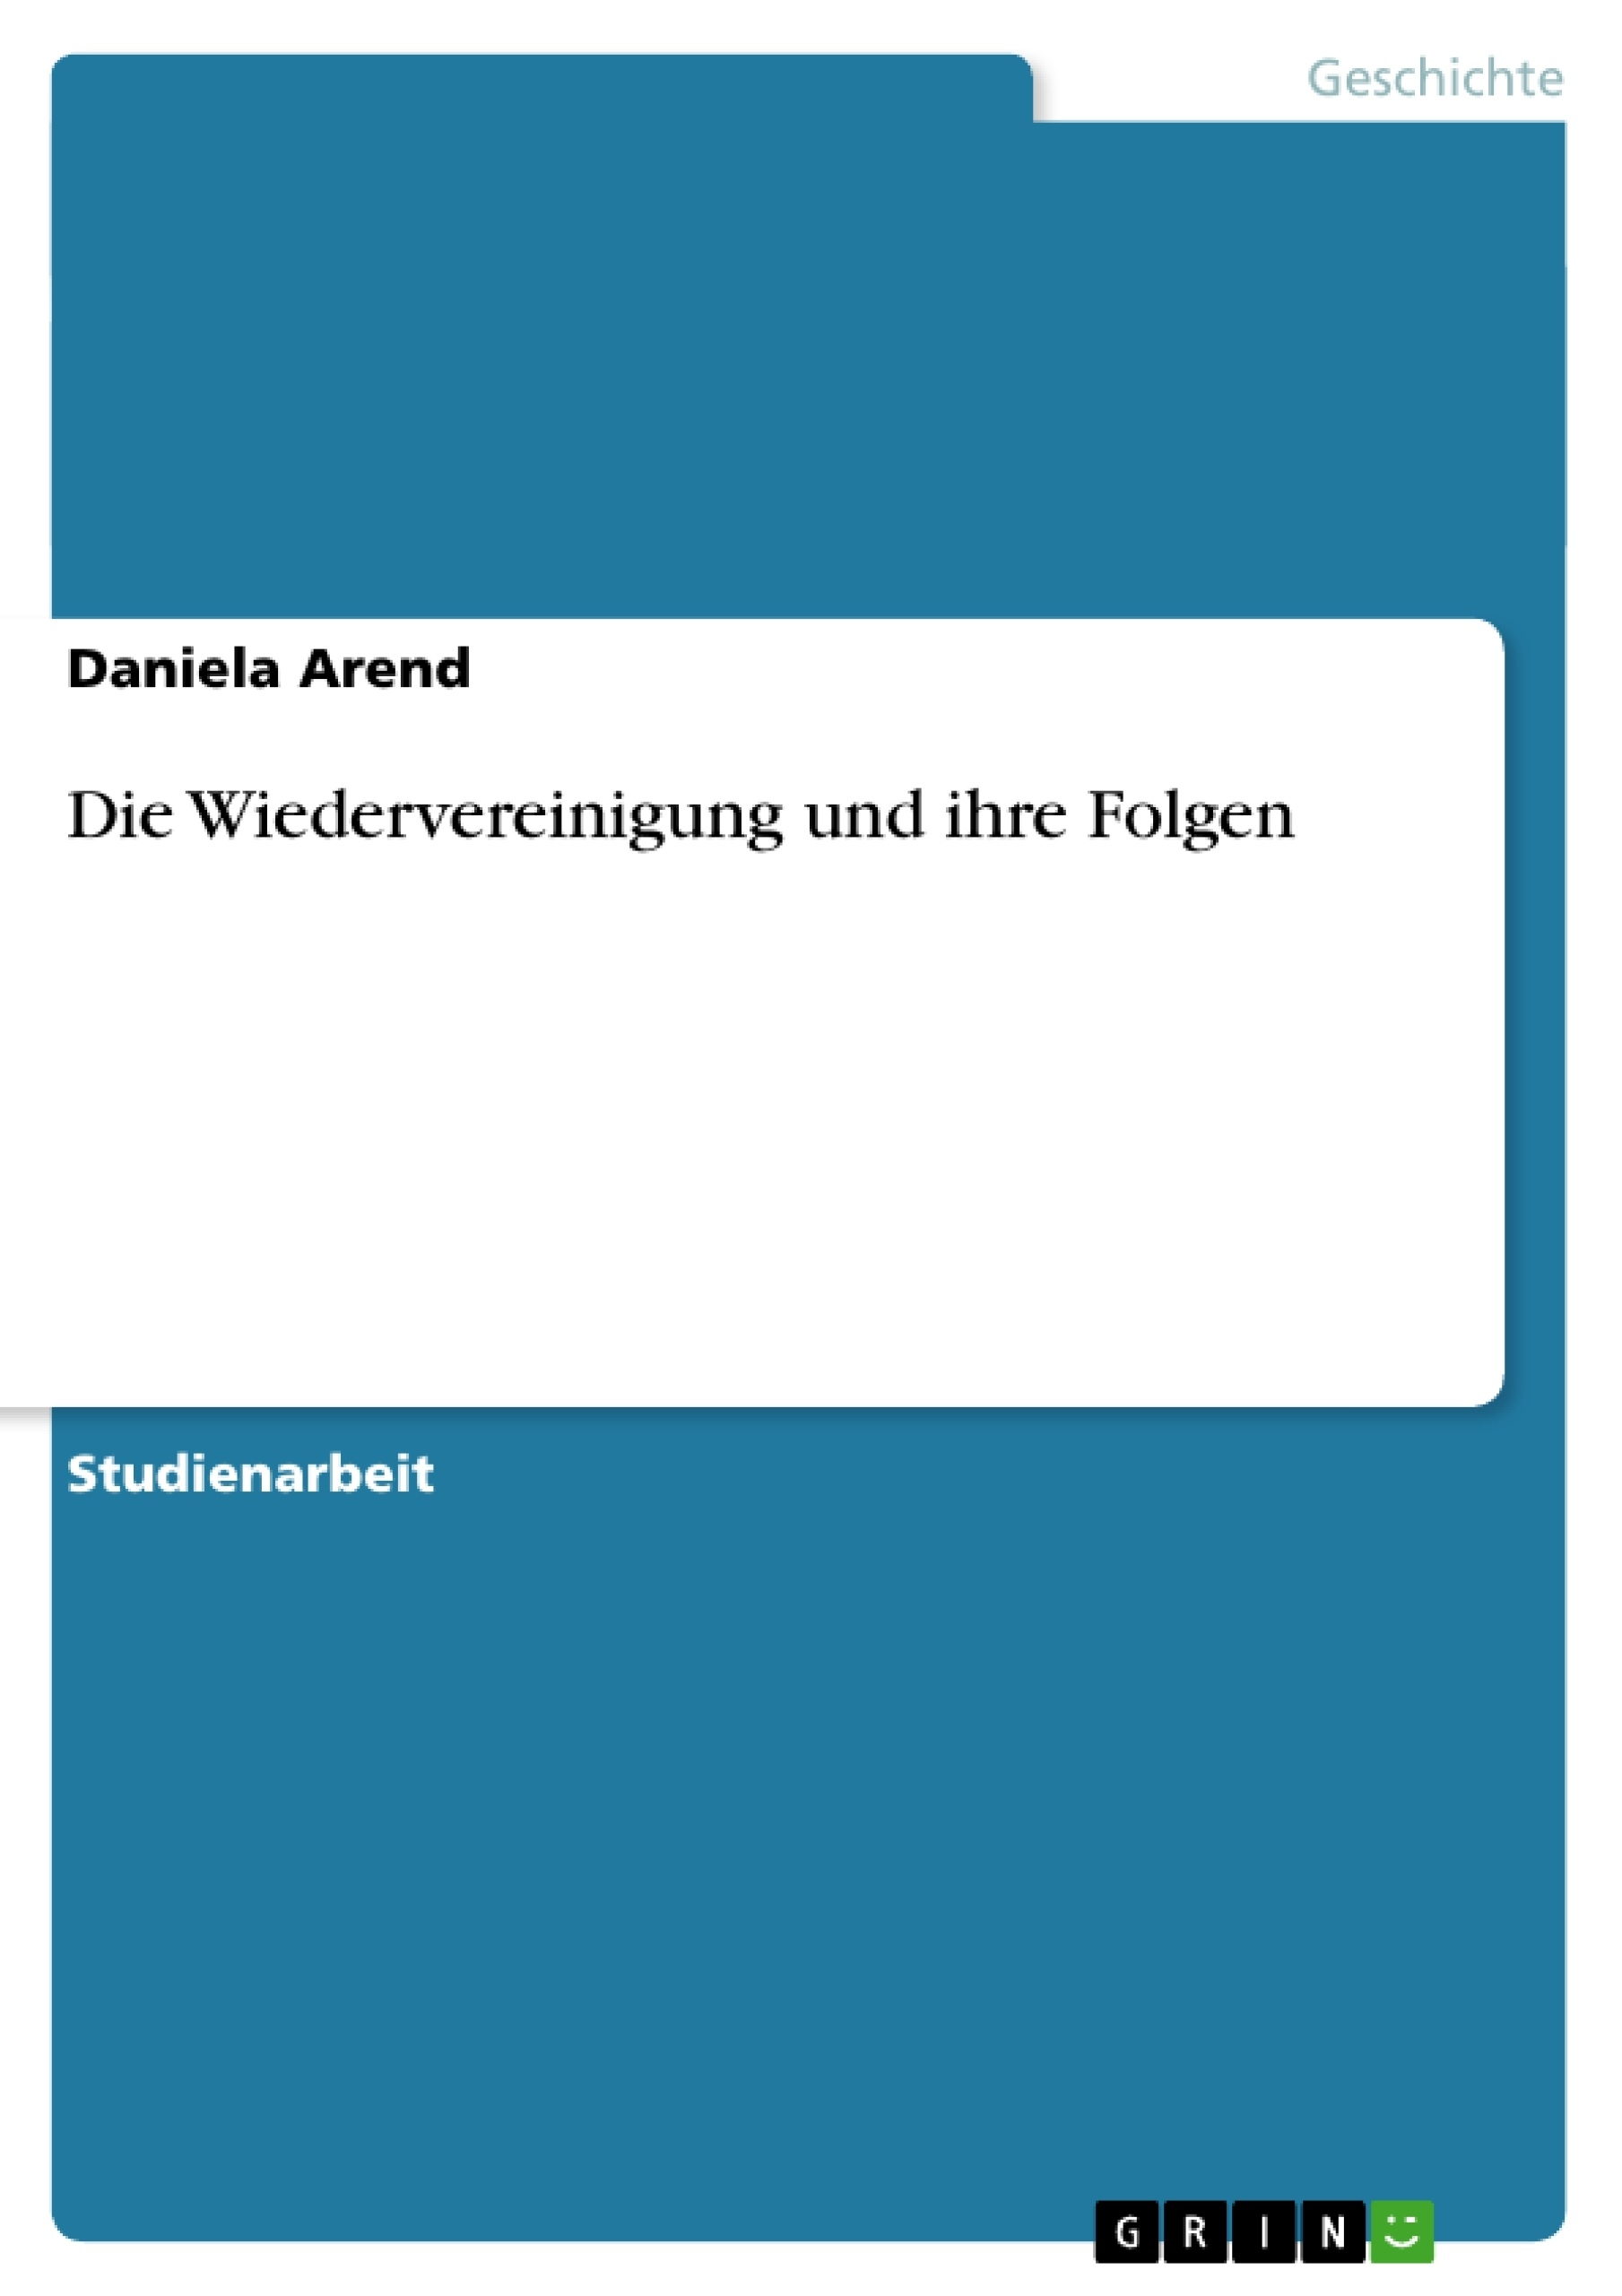 Titel: Die Wiedervereinigung und ihre Folgen